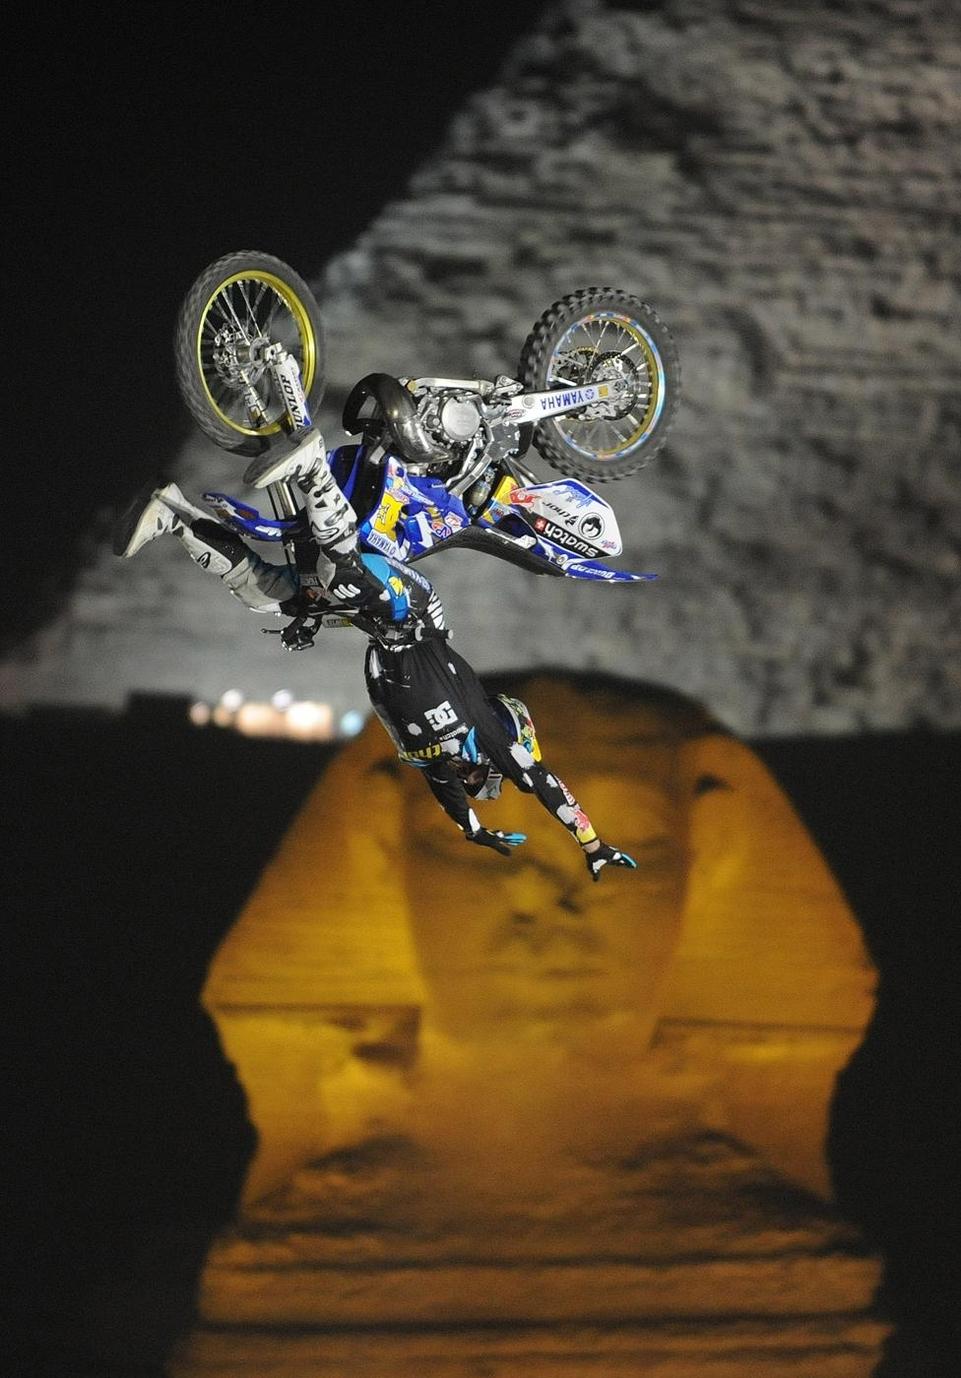 Red-Bull X-Fighters : Adam Jones s'impose devant le Sphinx !